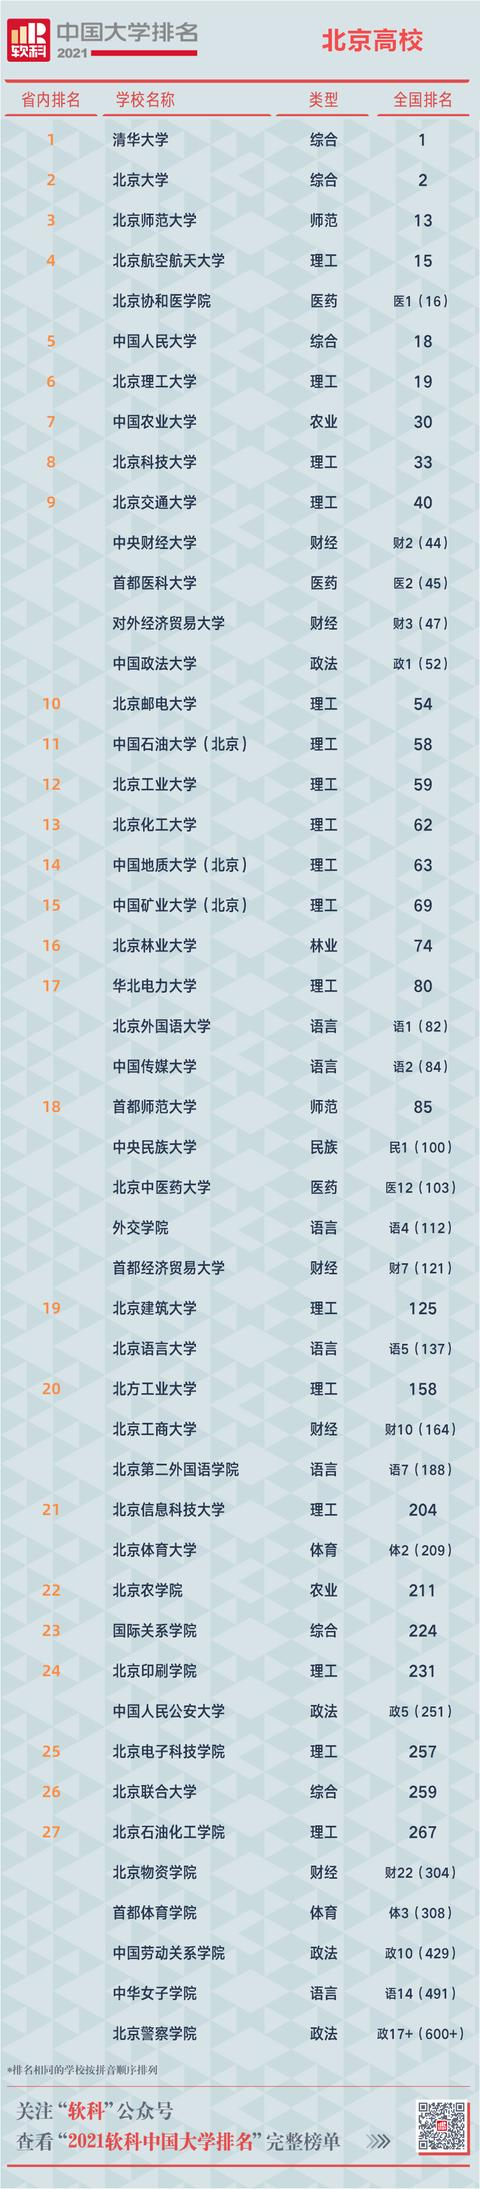 【公司培训意识 专业技能】2021软科中国大学排名发布,清华北大浙大位居综合实力前三